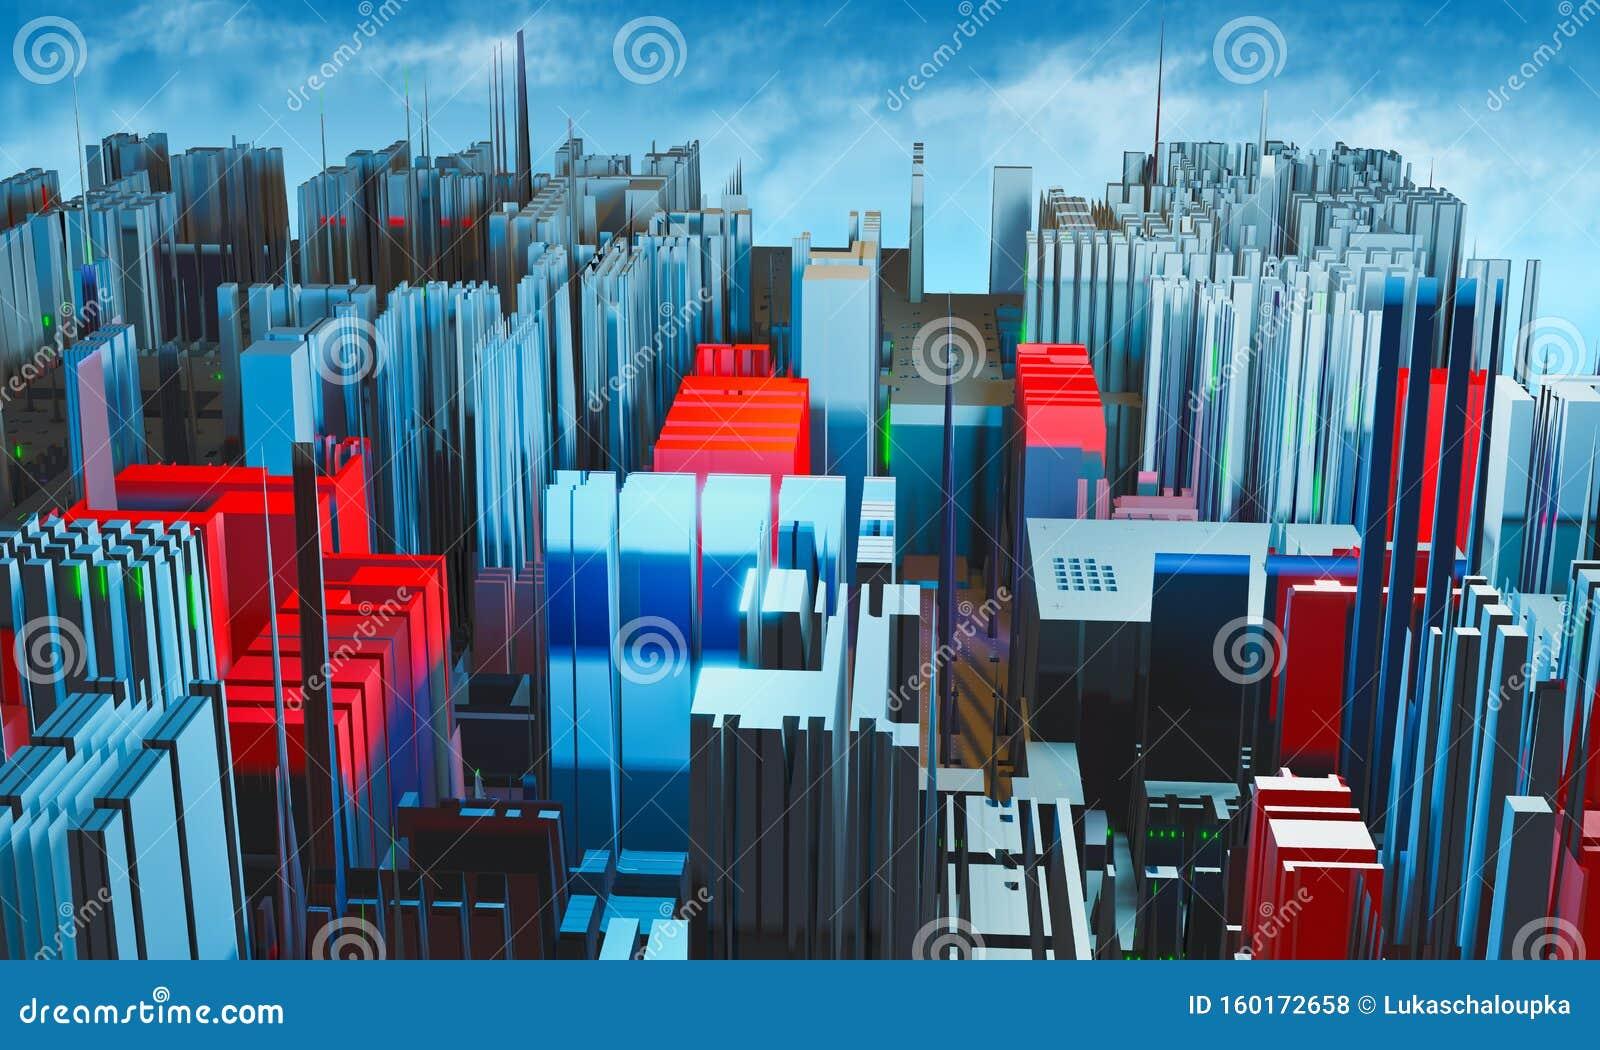 Abstract fractal kleurrijke rode en blauwe stad met blauwe lucht en wolk Moderne stad in de toekomst, 3D rendering